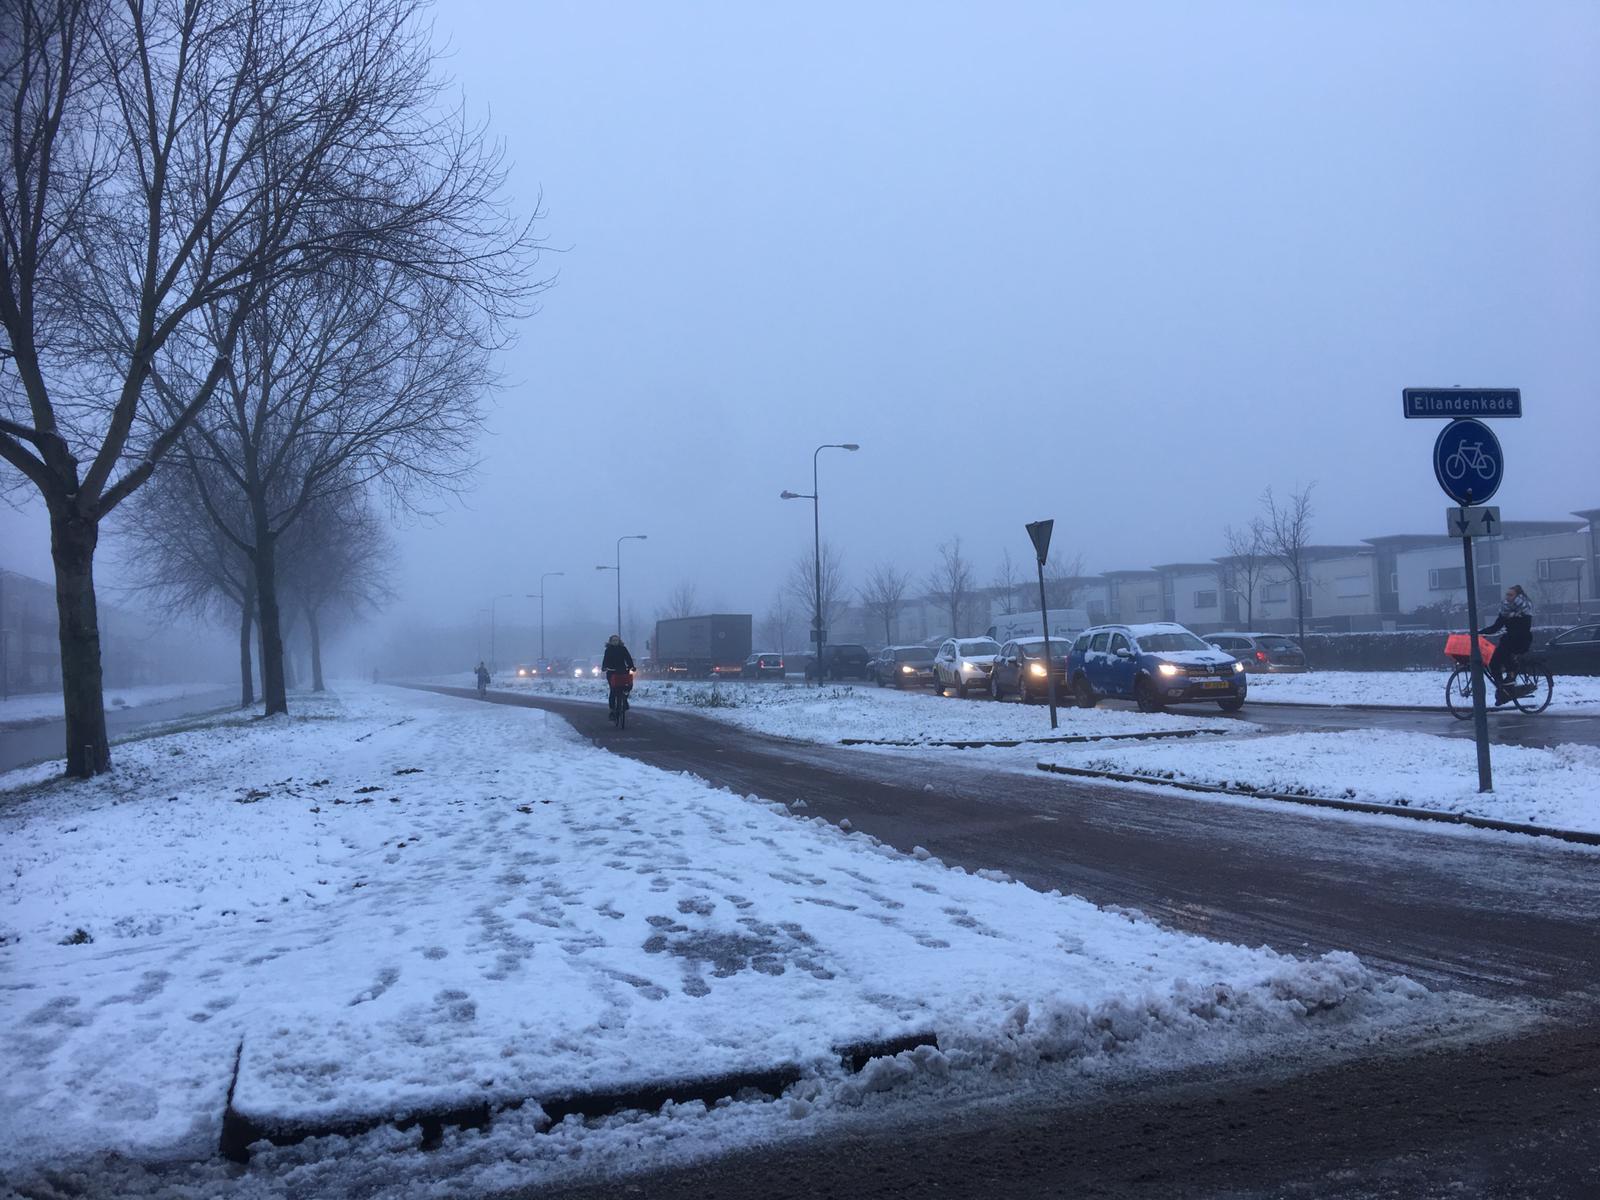 Drukke ochtendspits door sneeuw en gladheid